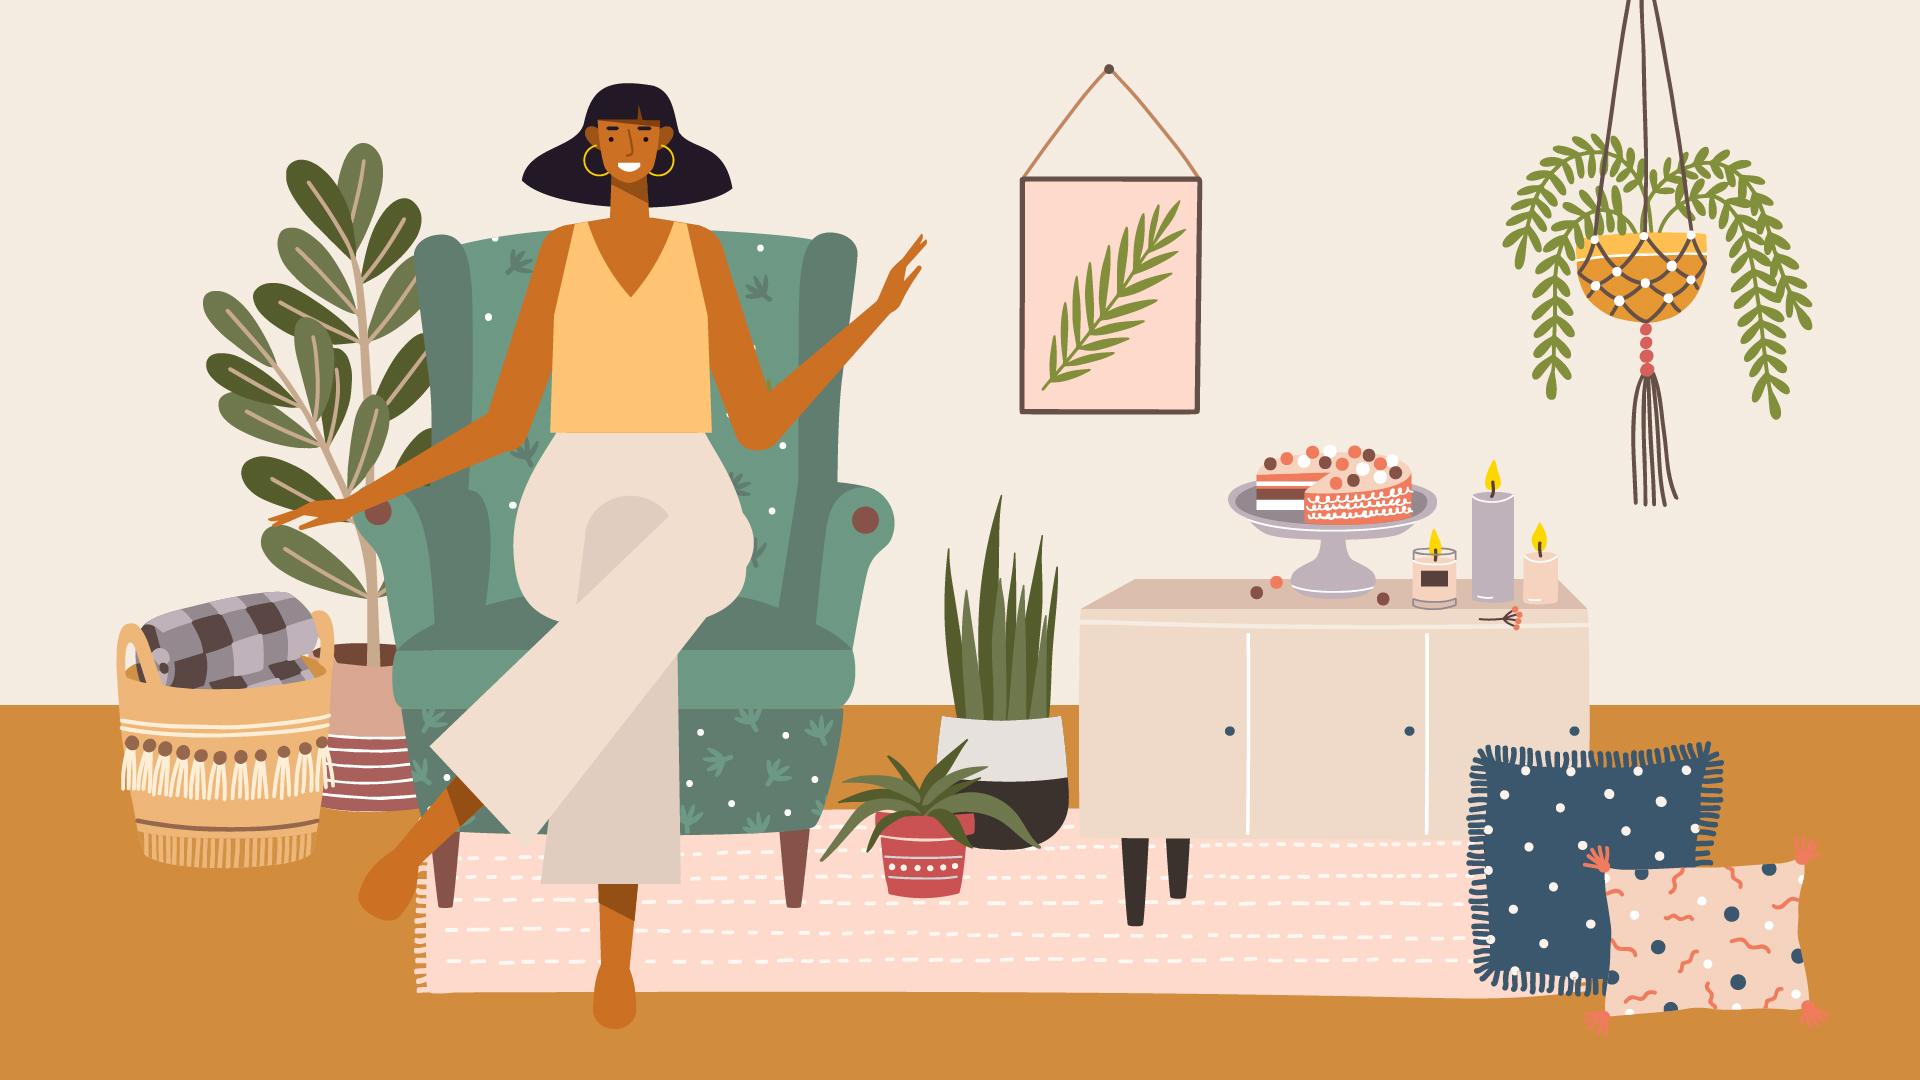 cum să fii fericit acasă